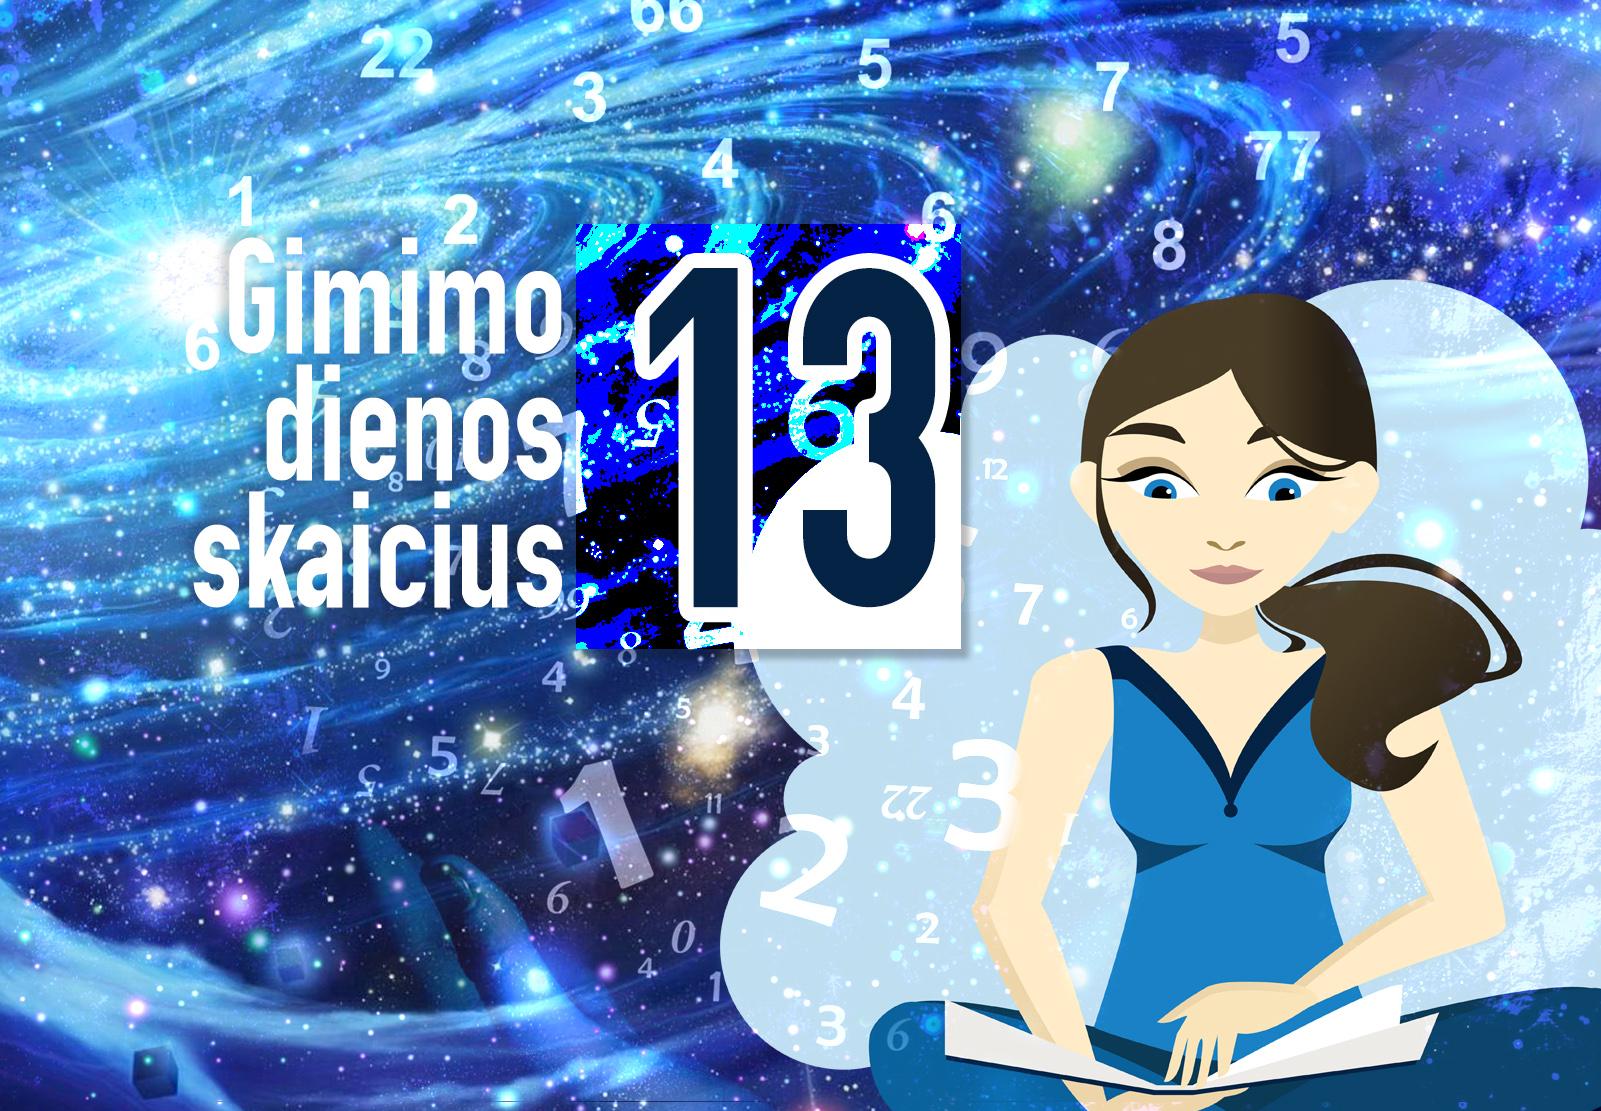 gimimo dienos skaičius 13